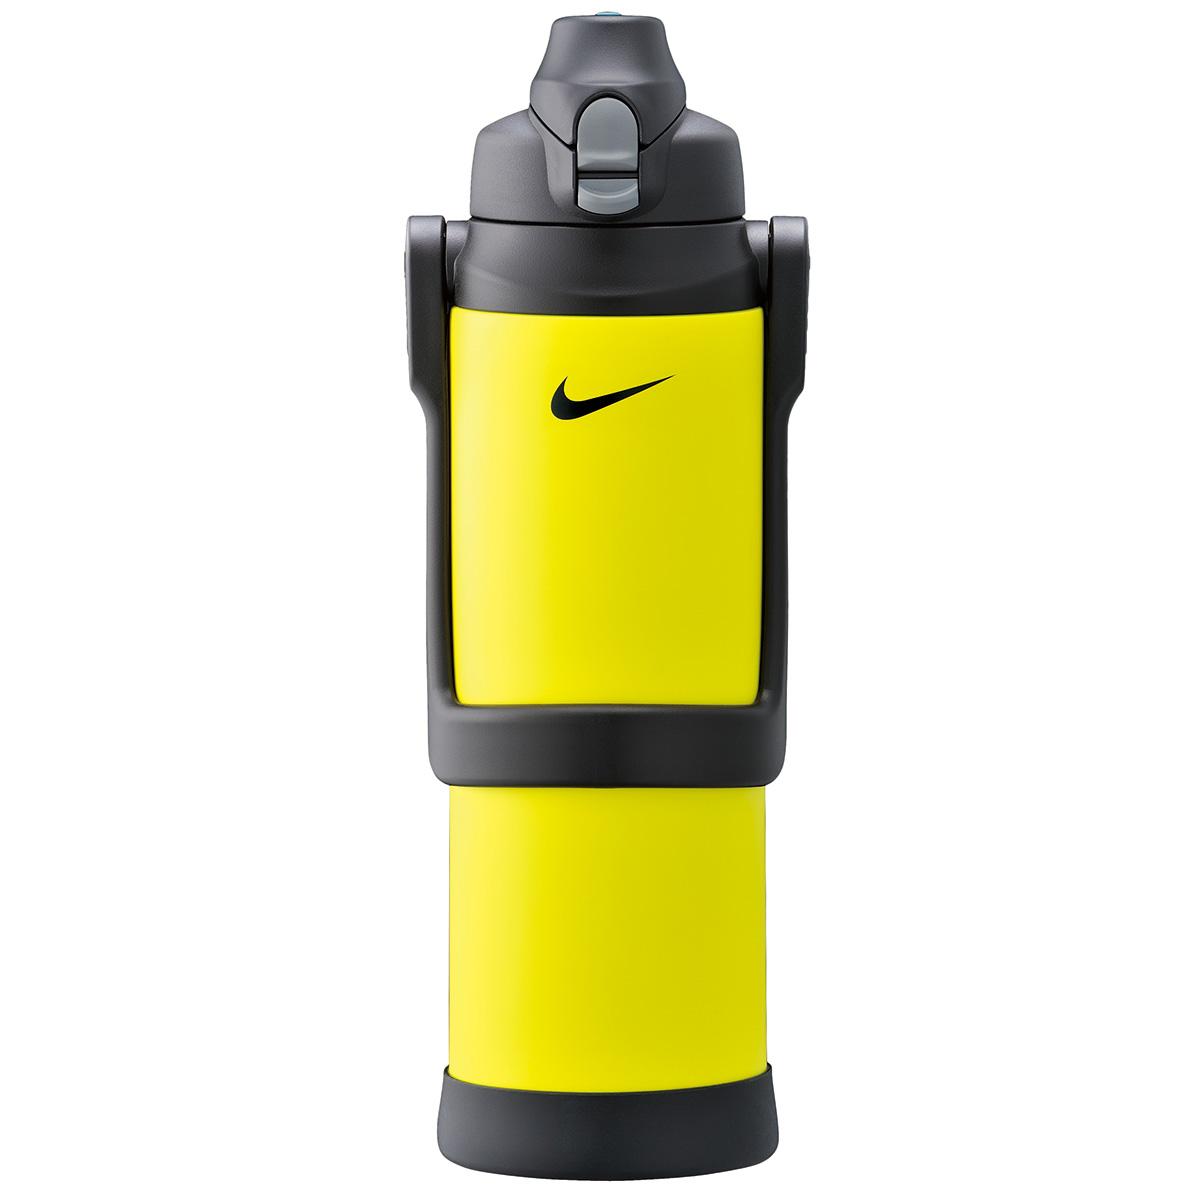 ナイキ ハイドレーションボトル 1.5L